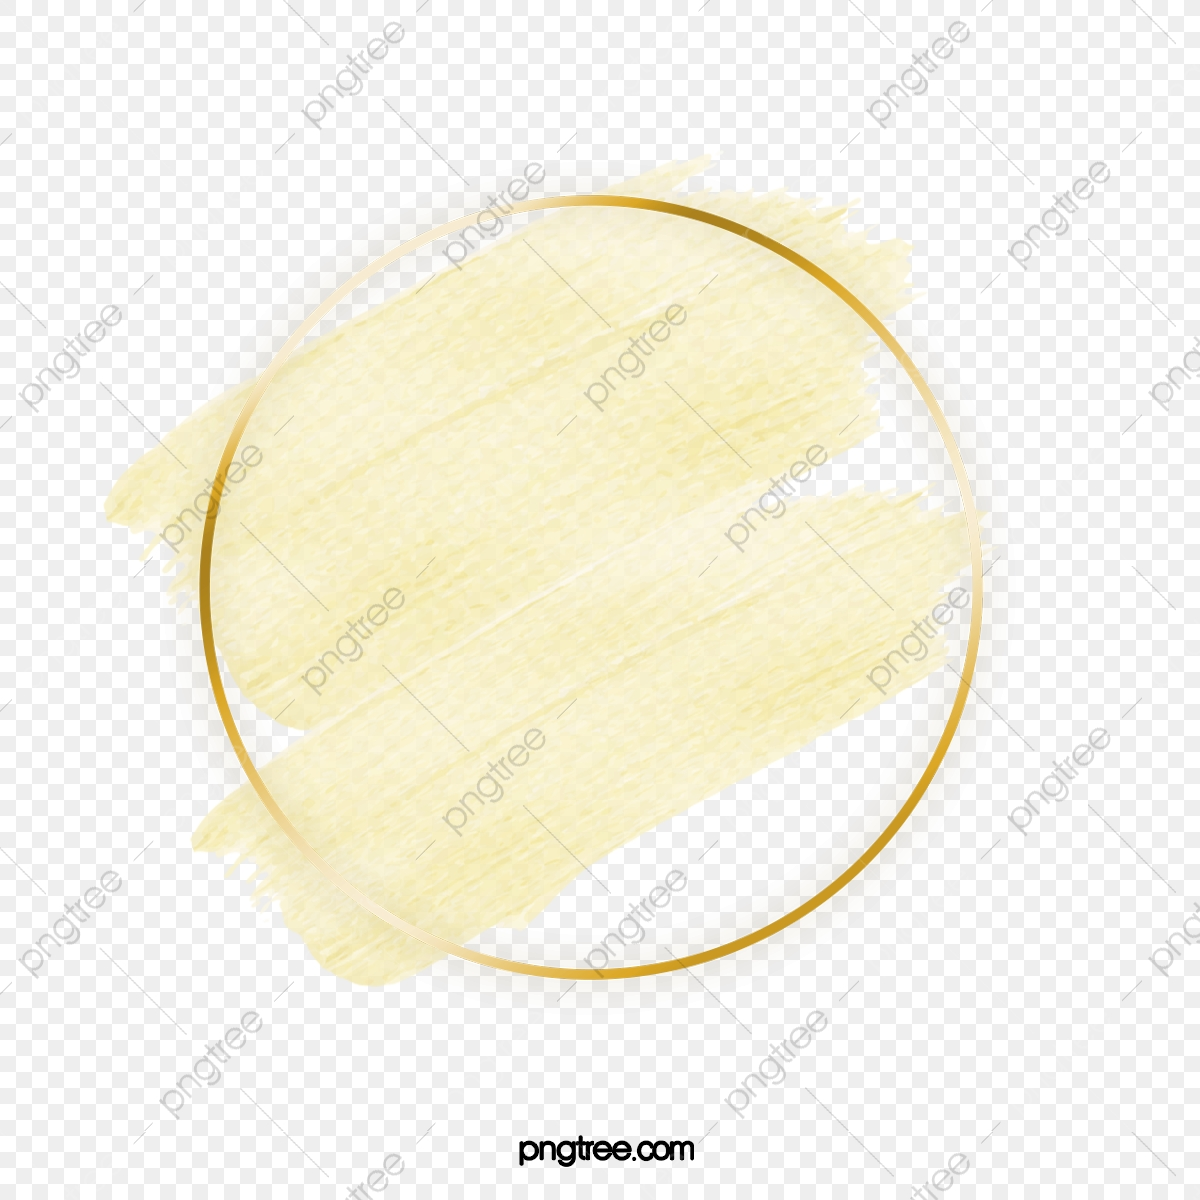 Hình Tròn Màu Vàng Nhạt Viền Vàng Tường Rất đơn Giản Bóng